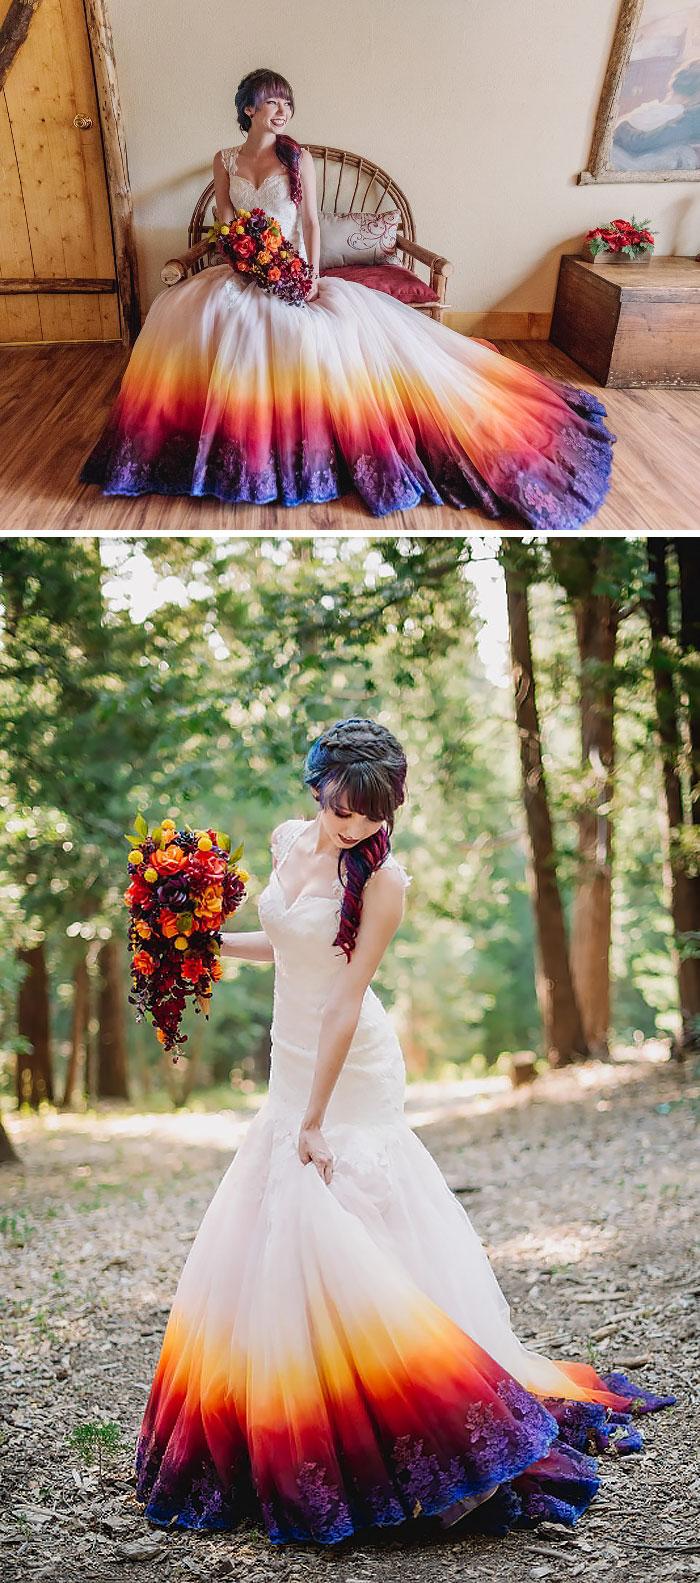 vestido de casamento degradê